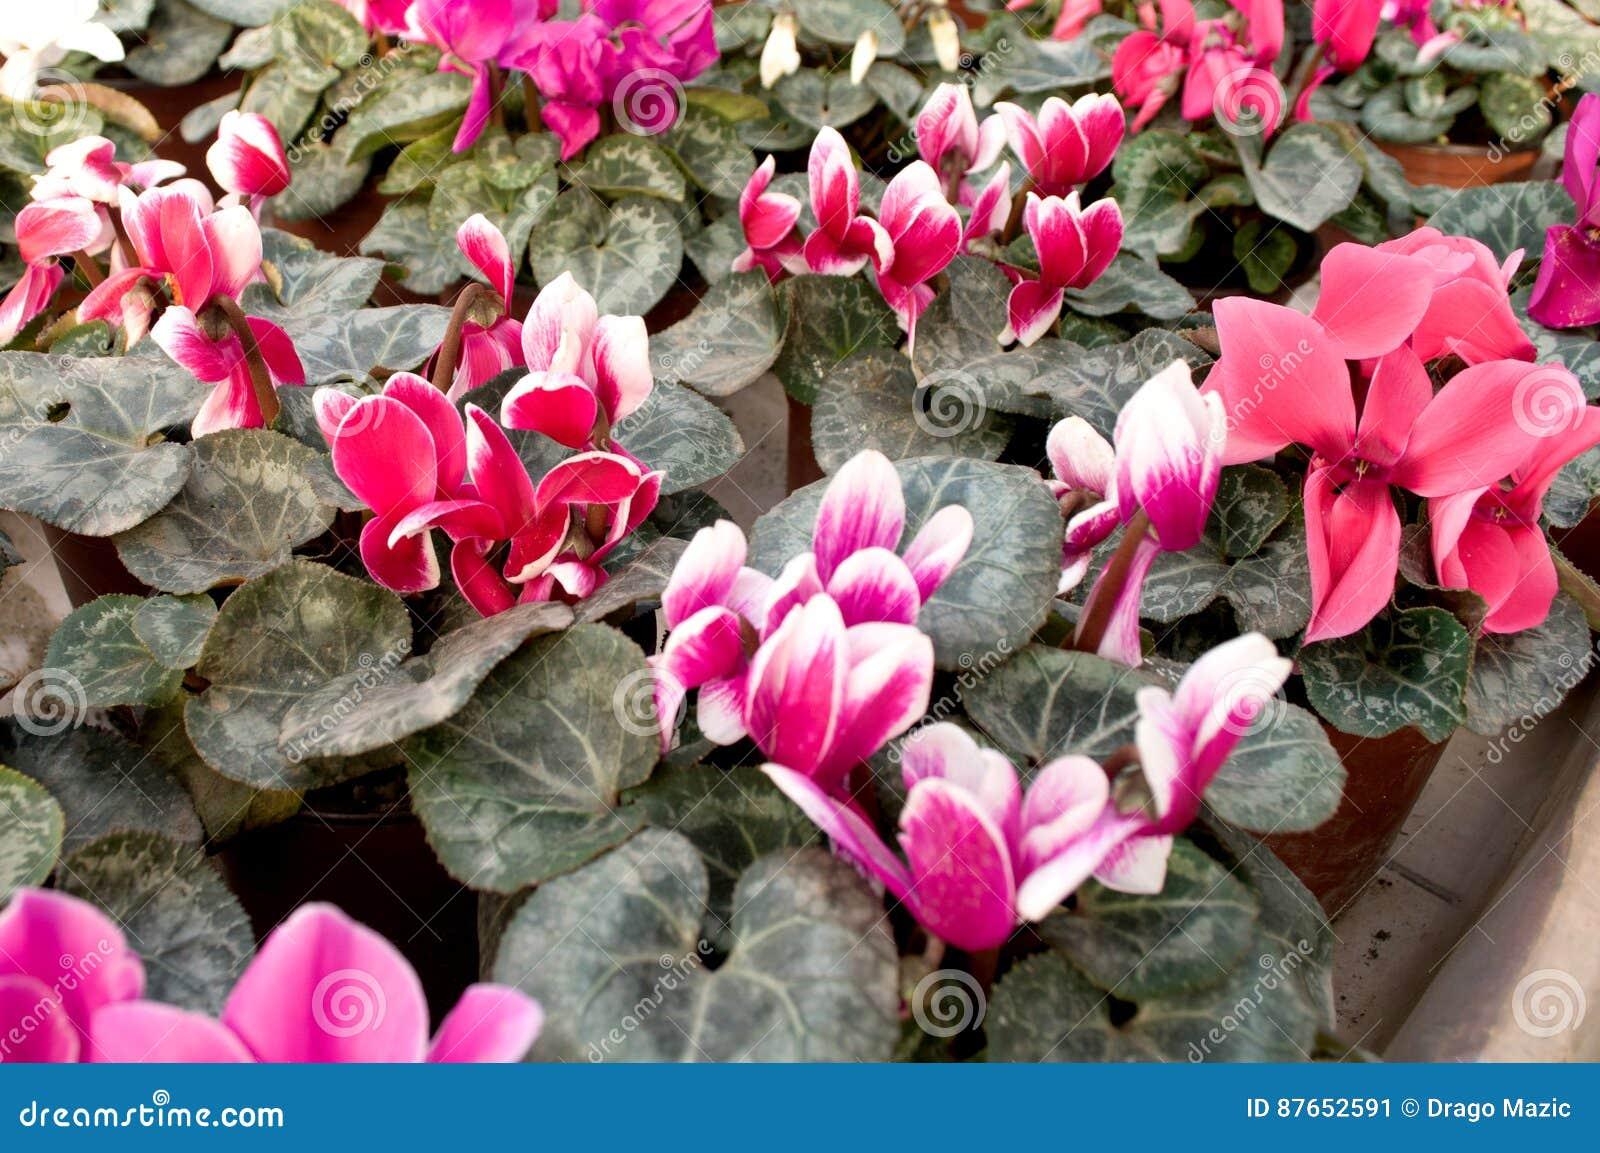 Rosa Blumen Blühen Im Februar Bereit Zum Frauen S Tag Am 8 März